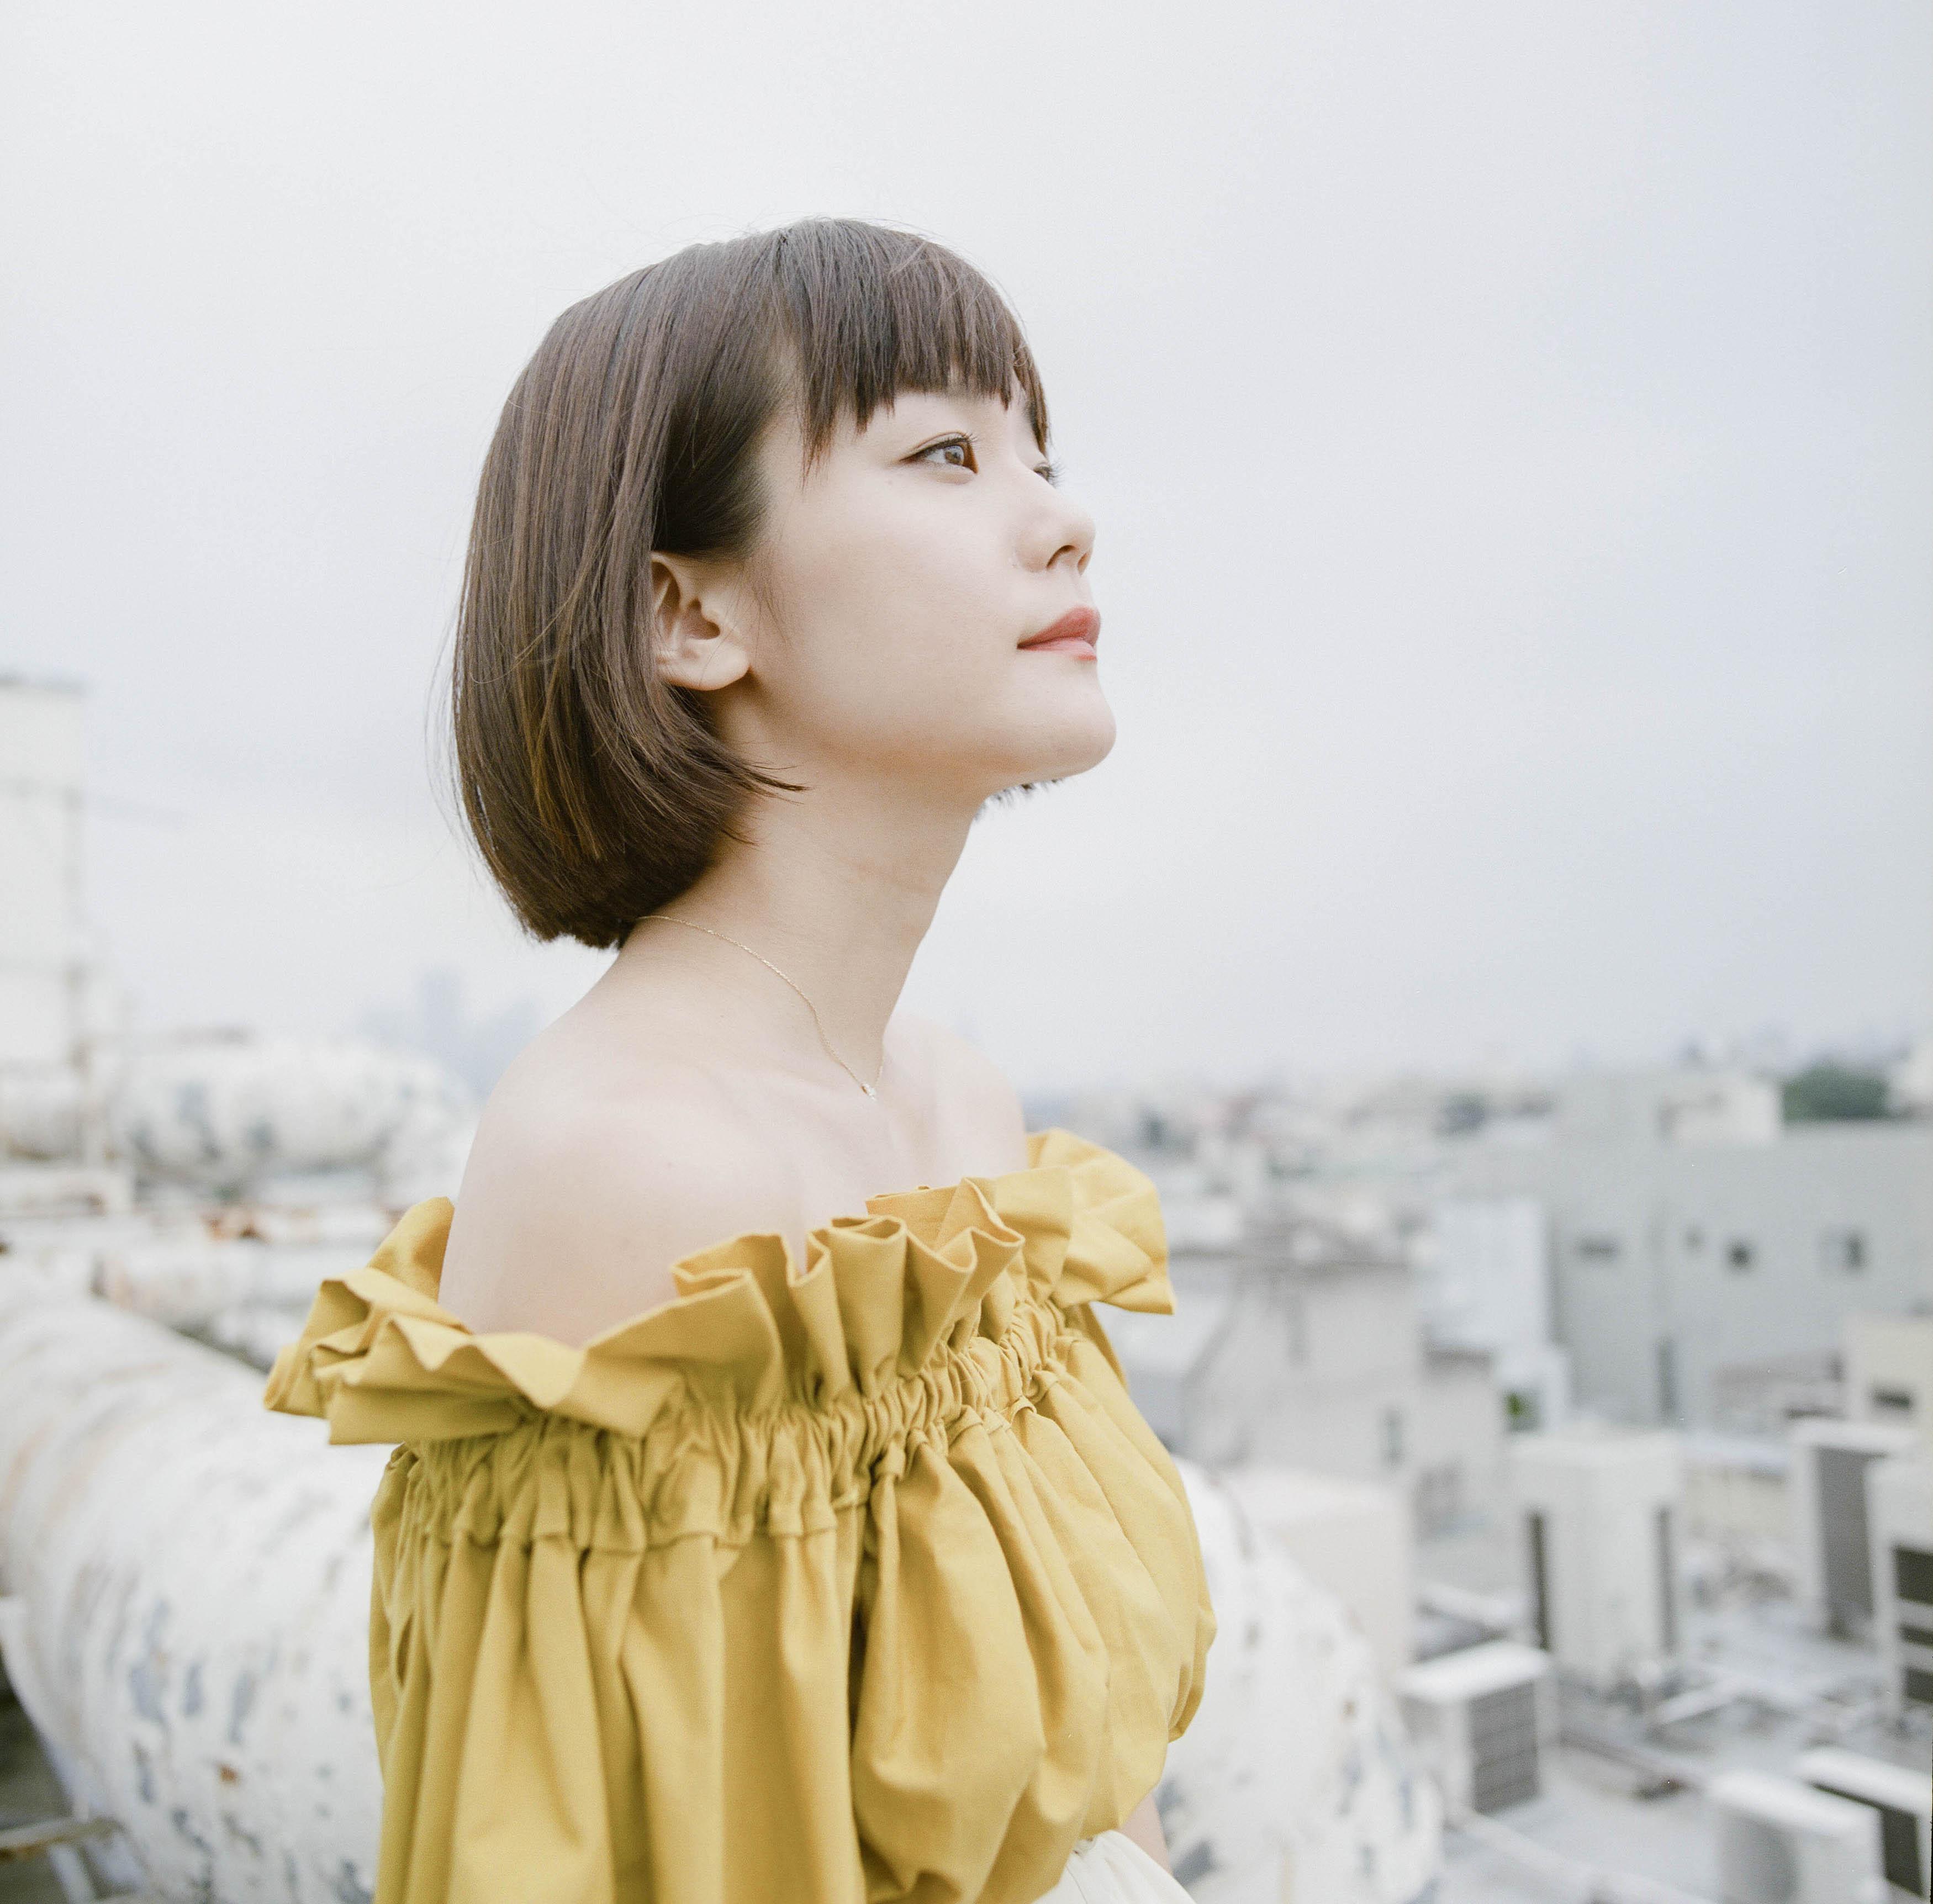 吉澤嘉代子、PARCO「グランバザール」CM歌唱・ナレーション参加